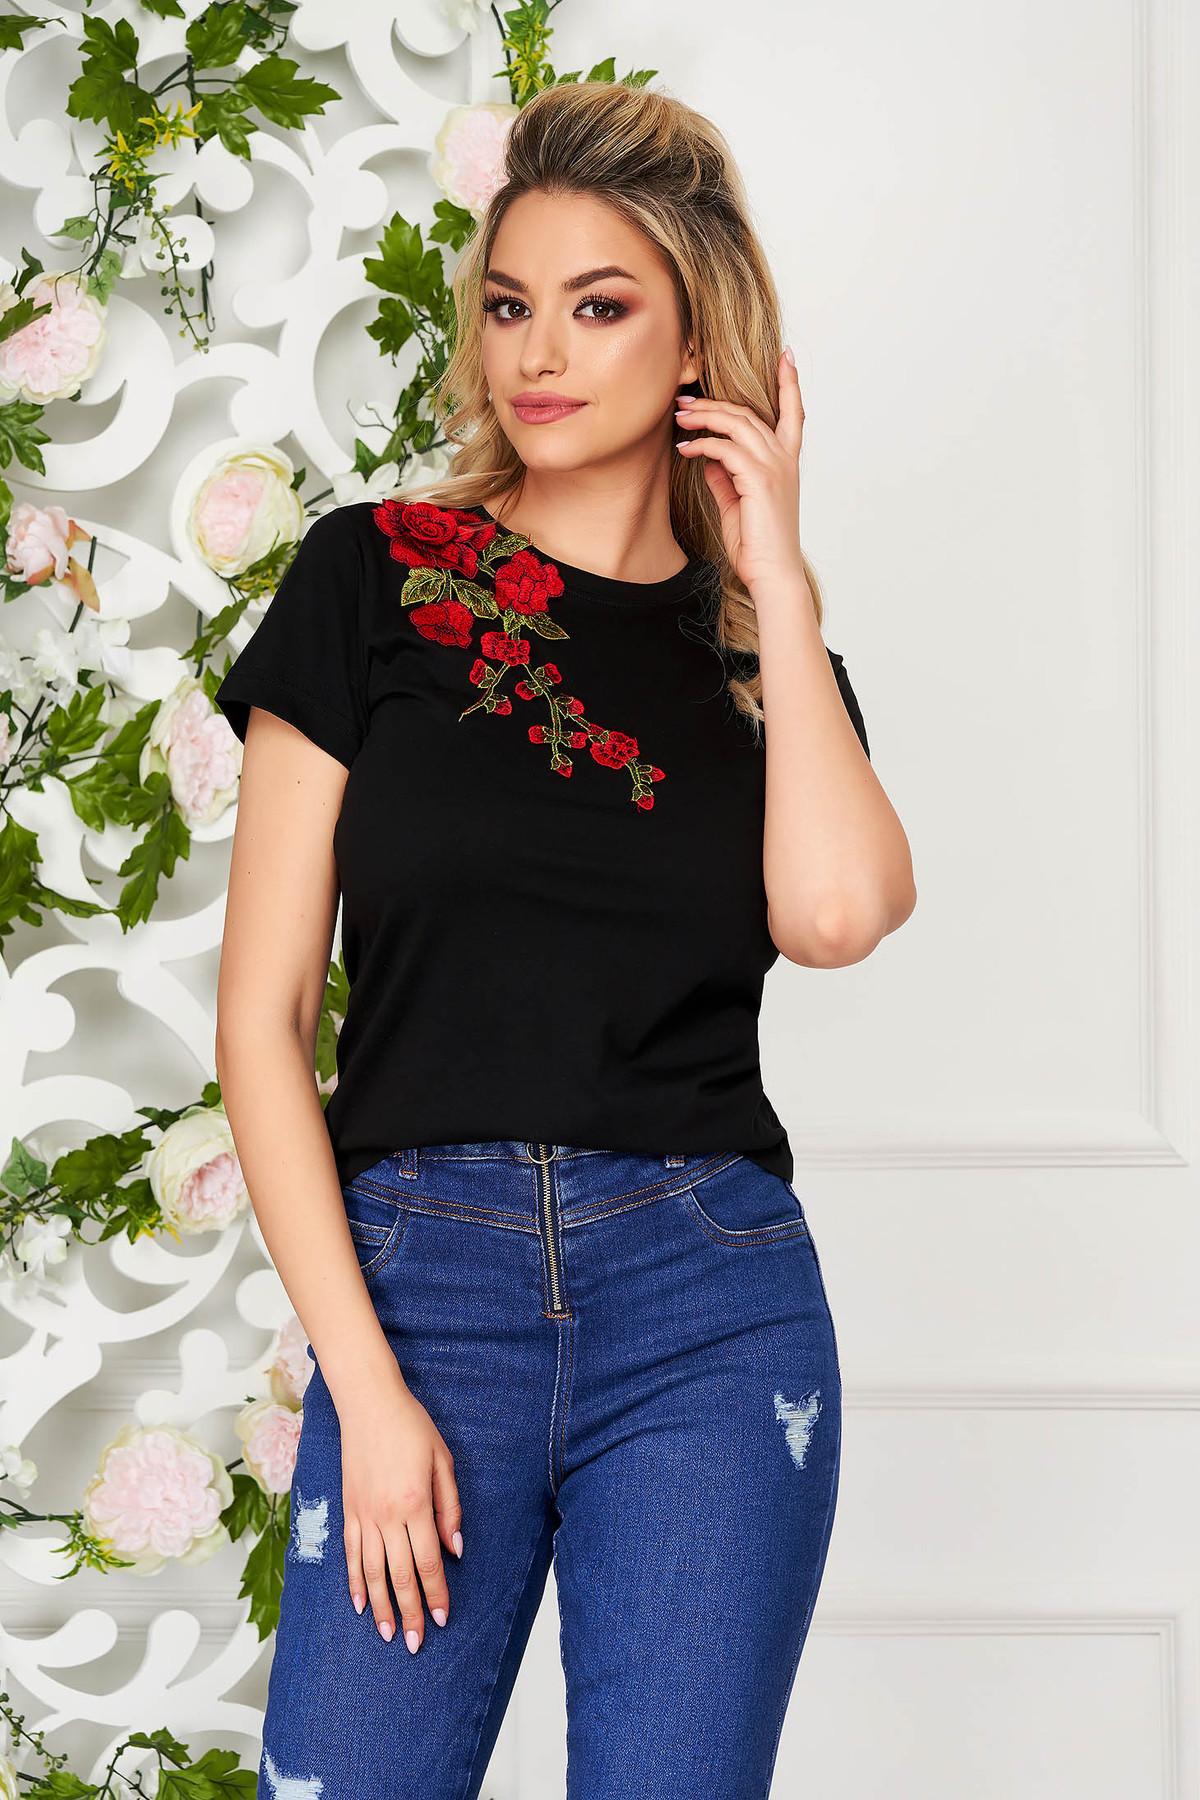 Tricou StarShinerS negru casual cu croi larg cu maneci scurte si broderie florala